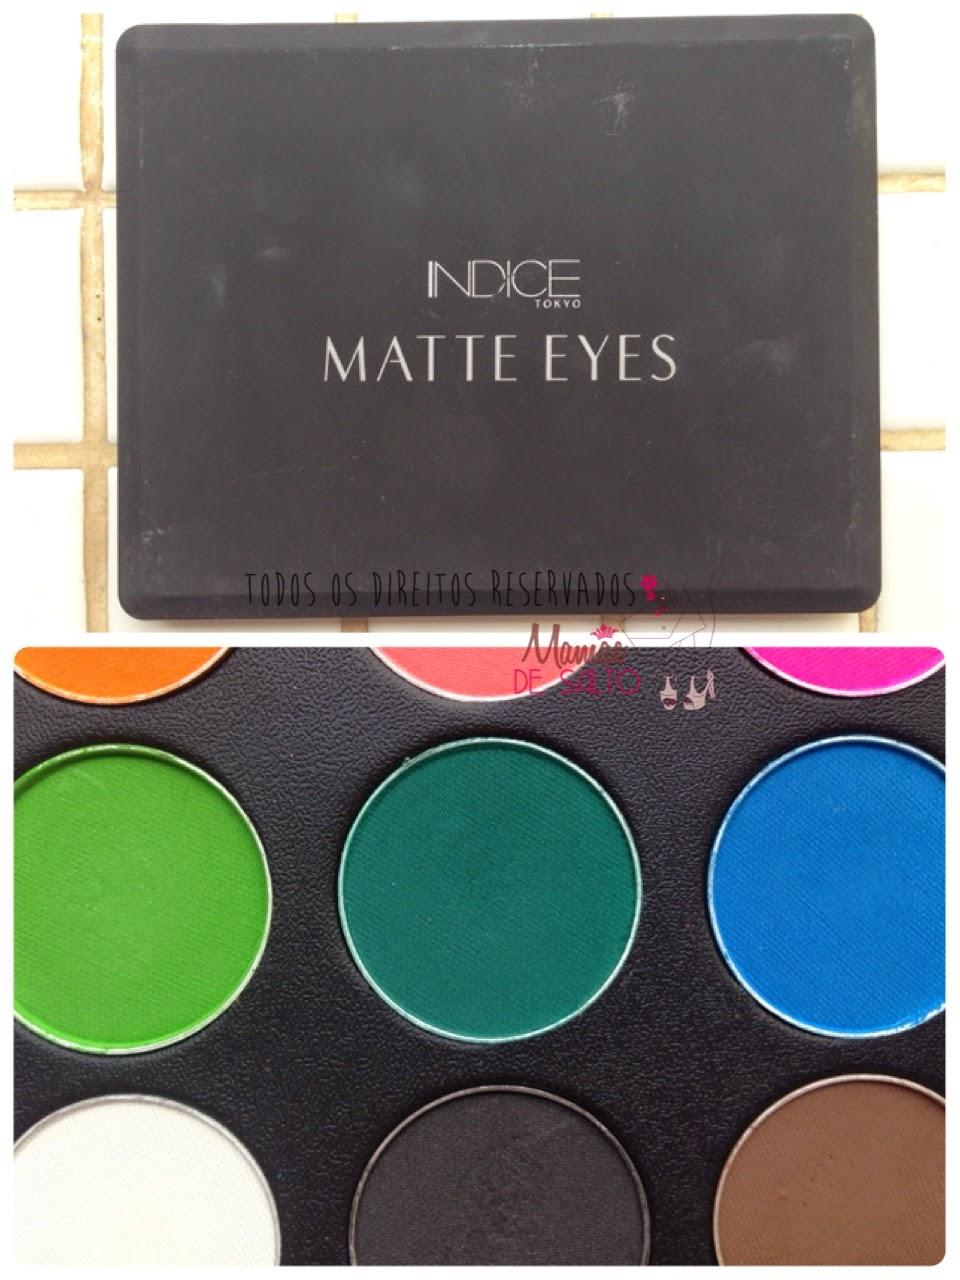 paleta sombras matte eyes indice tokyo => blog Mamãe de Salto